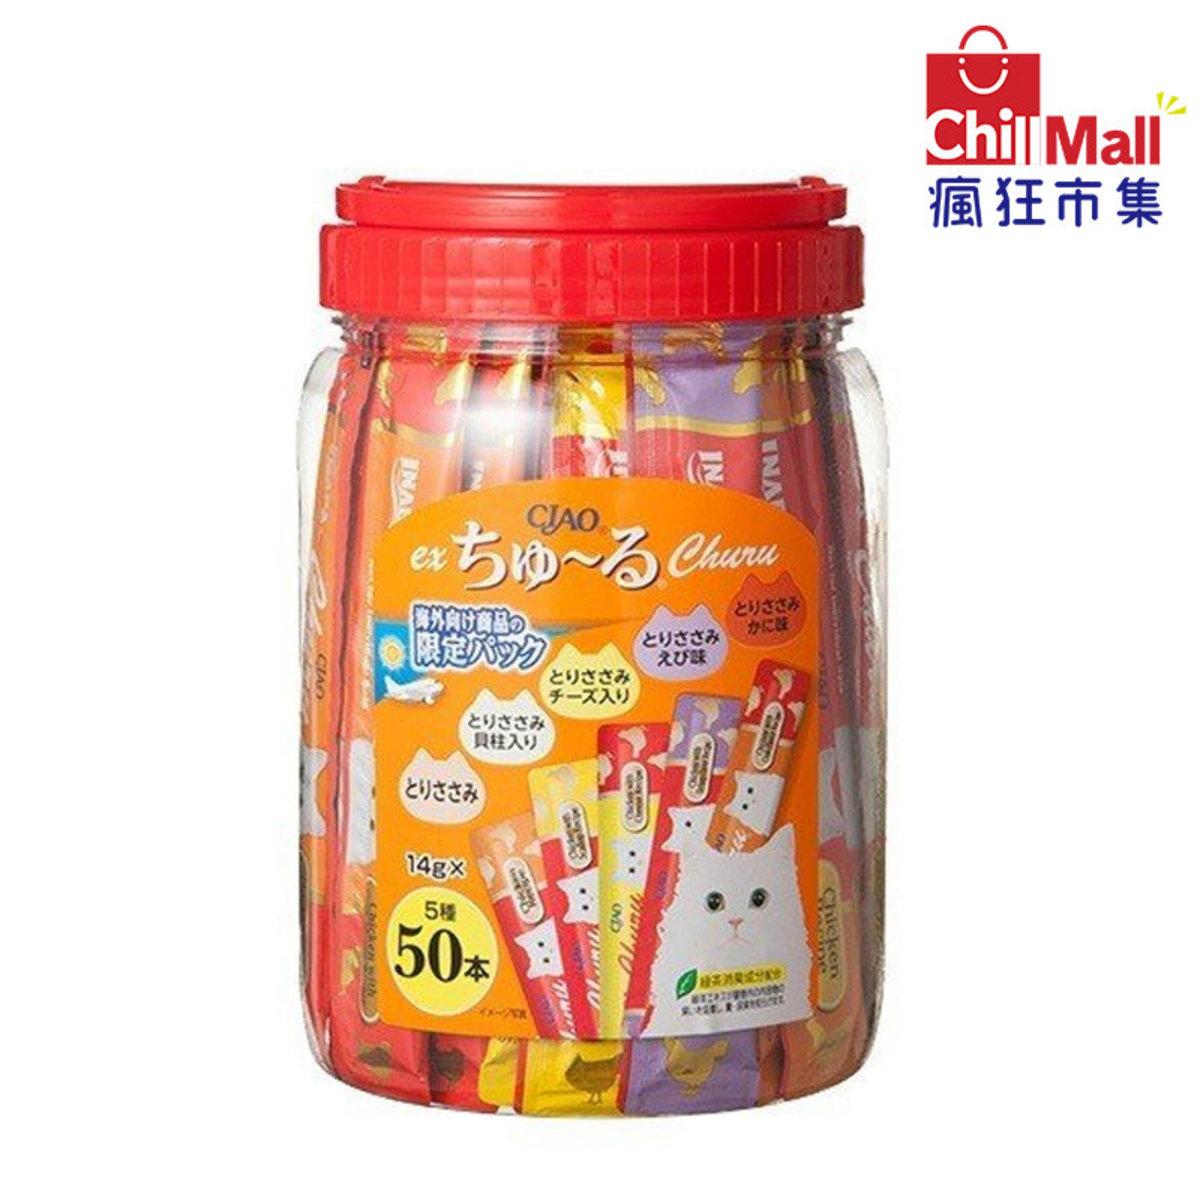 日本CIAO肉泥餐包 綜合營養雞肉肉醬 14g 50本罐裝 (橙) - 限定品 3632778